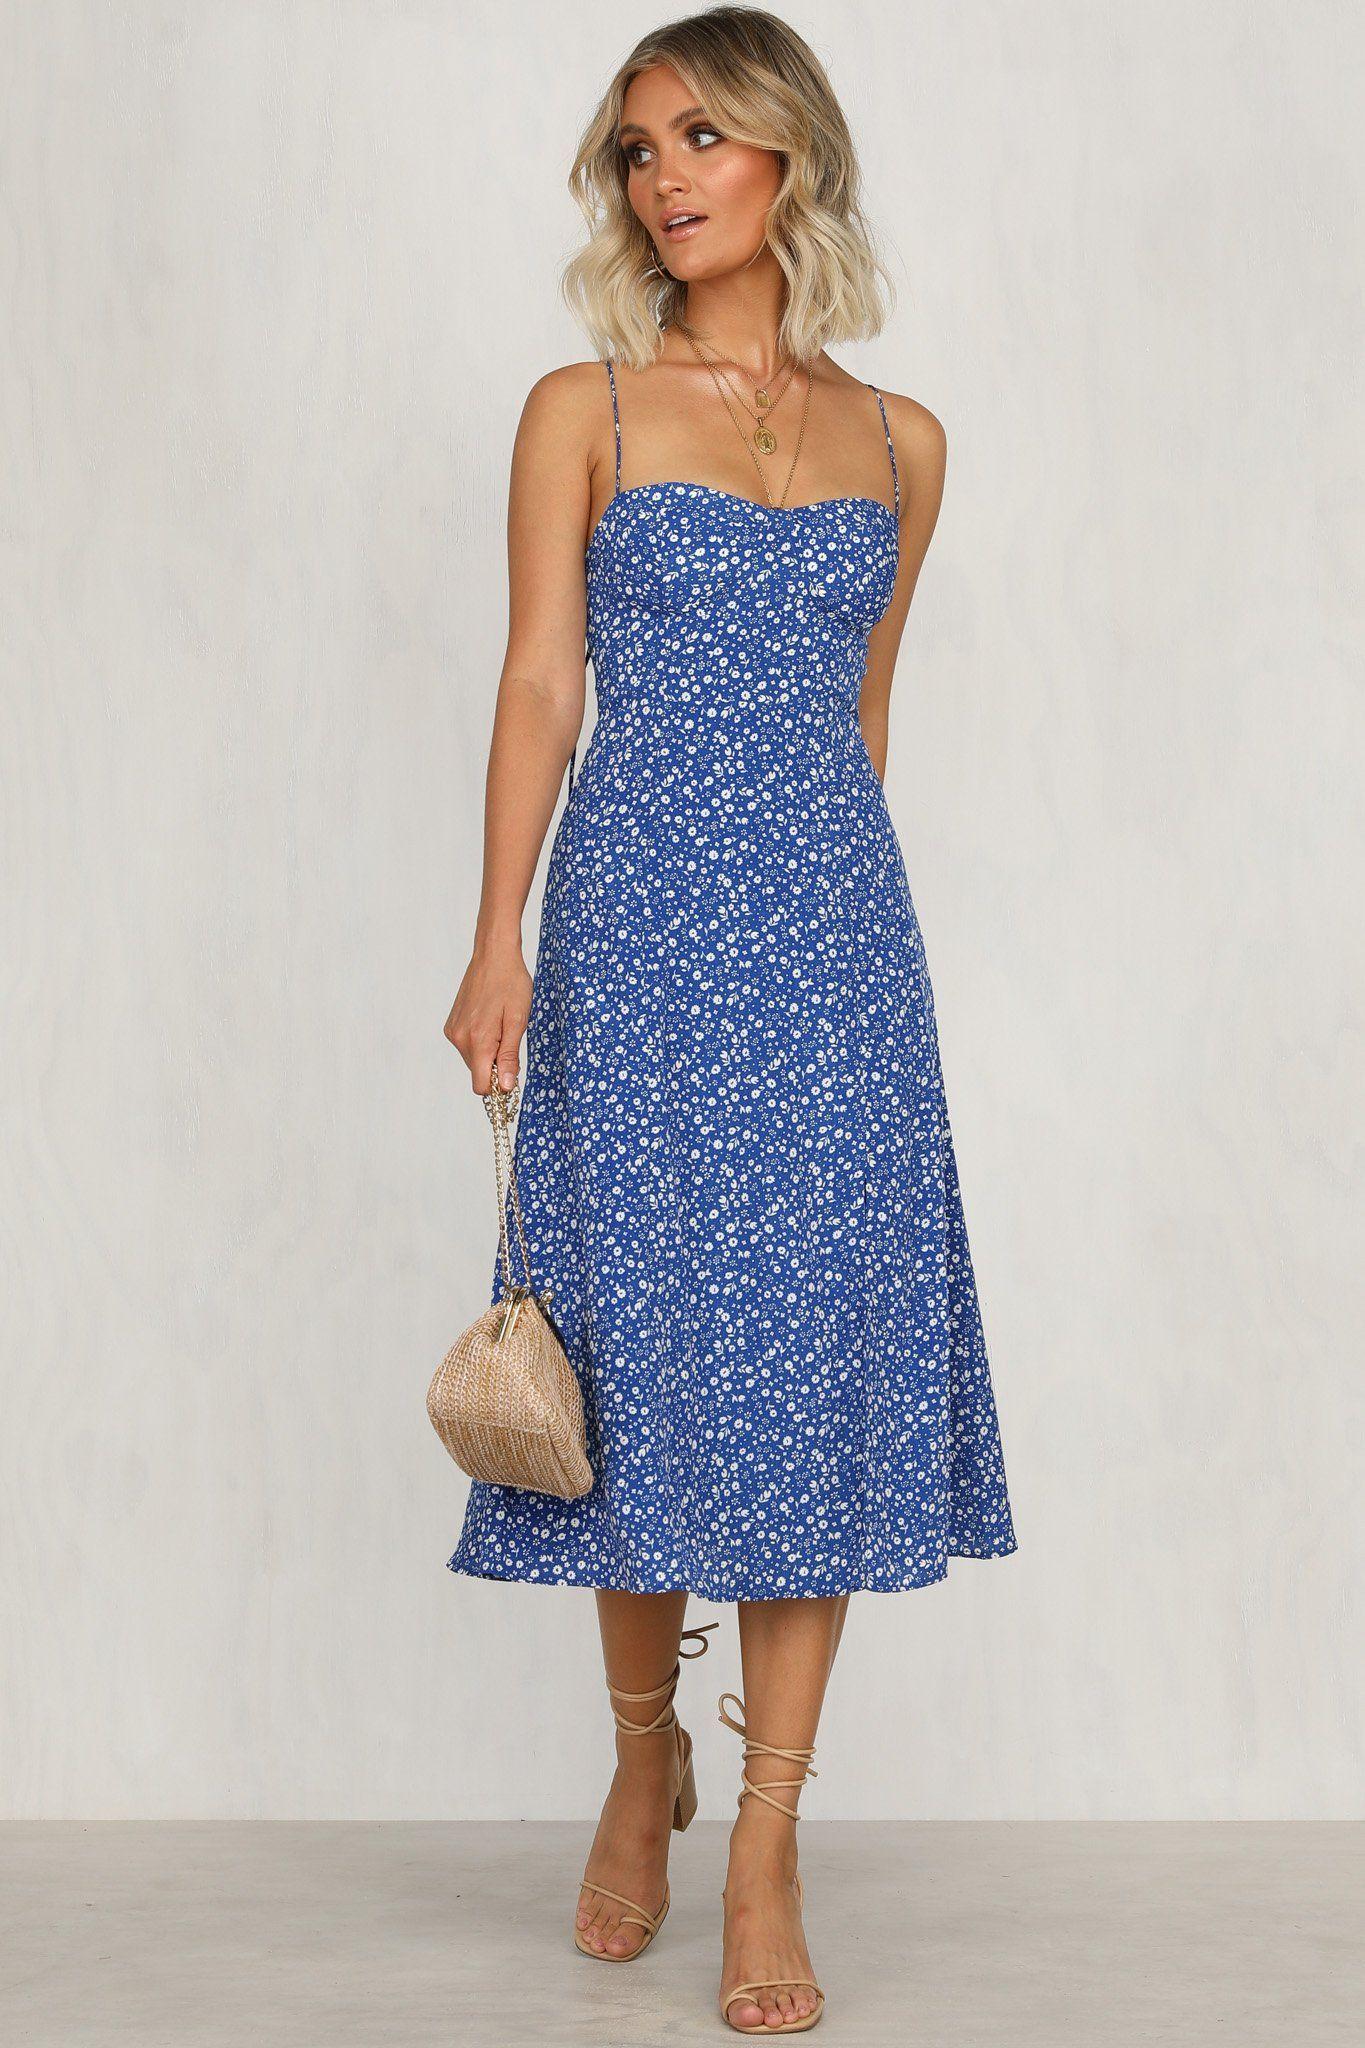 Summer Sun Dress Blue Floral Runwayscout Sun Dress Casual Summer Dresses Sundresses Blue Dress Casual [ 2048 x 1365 Pixel ]